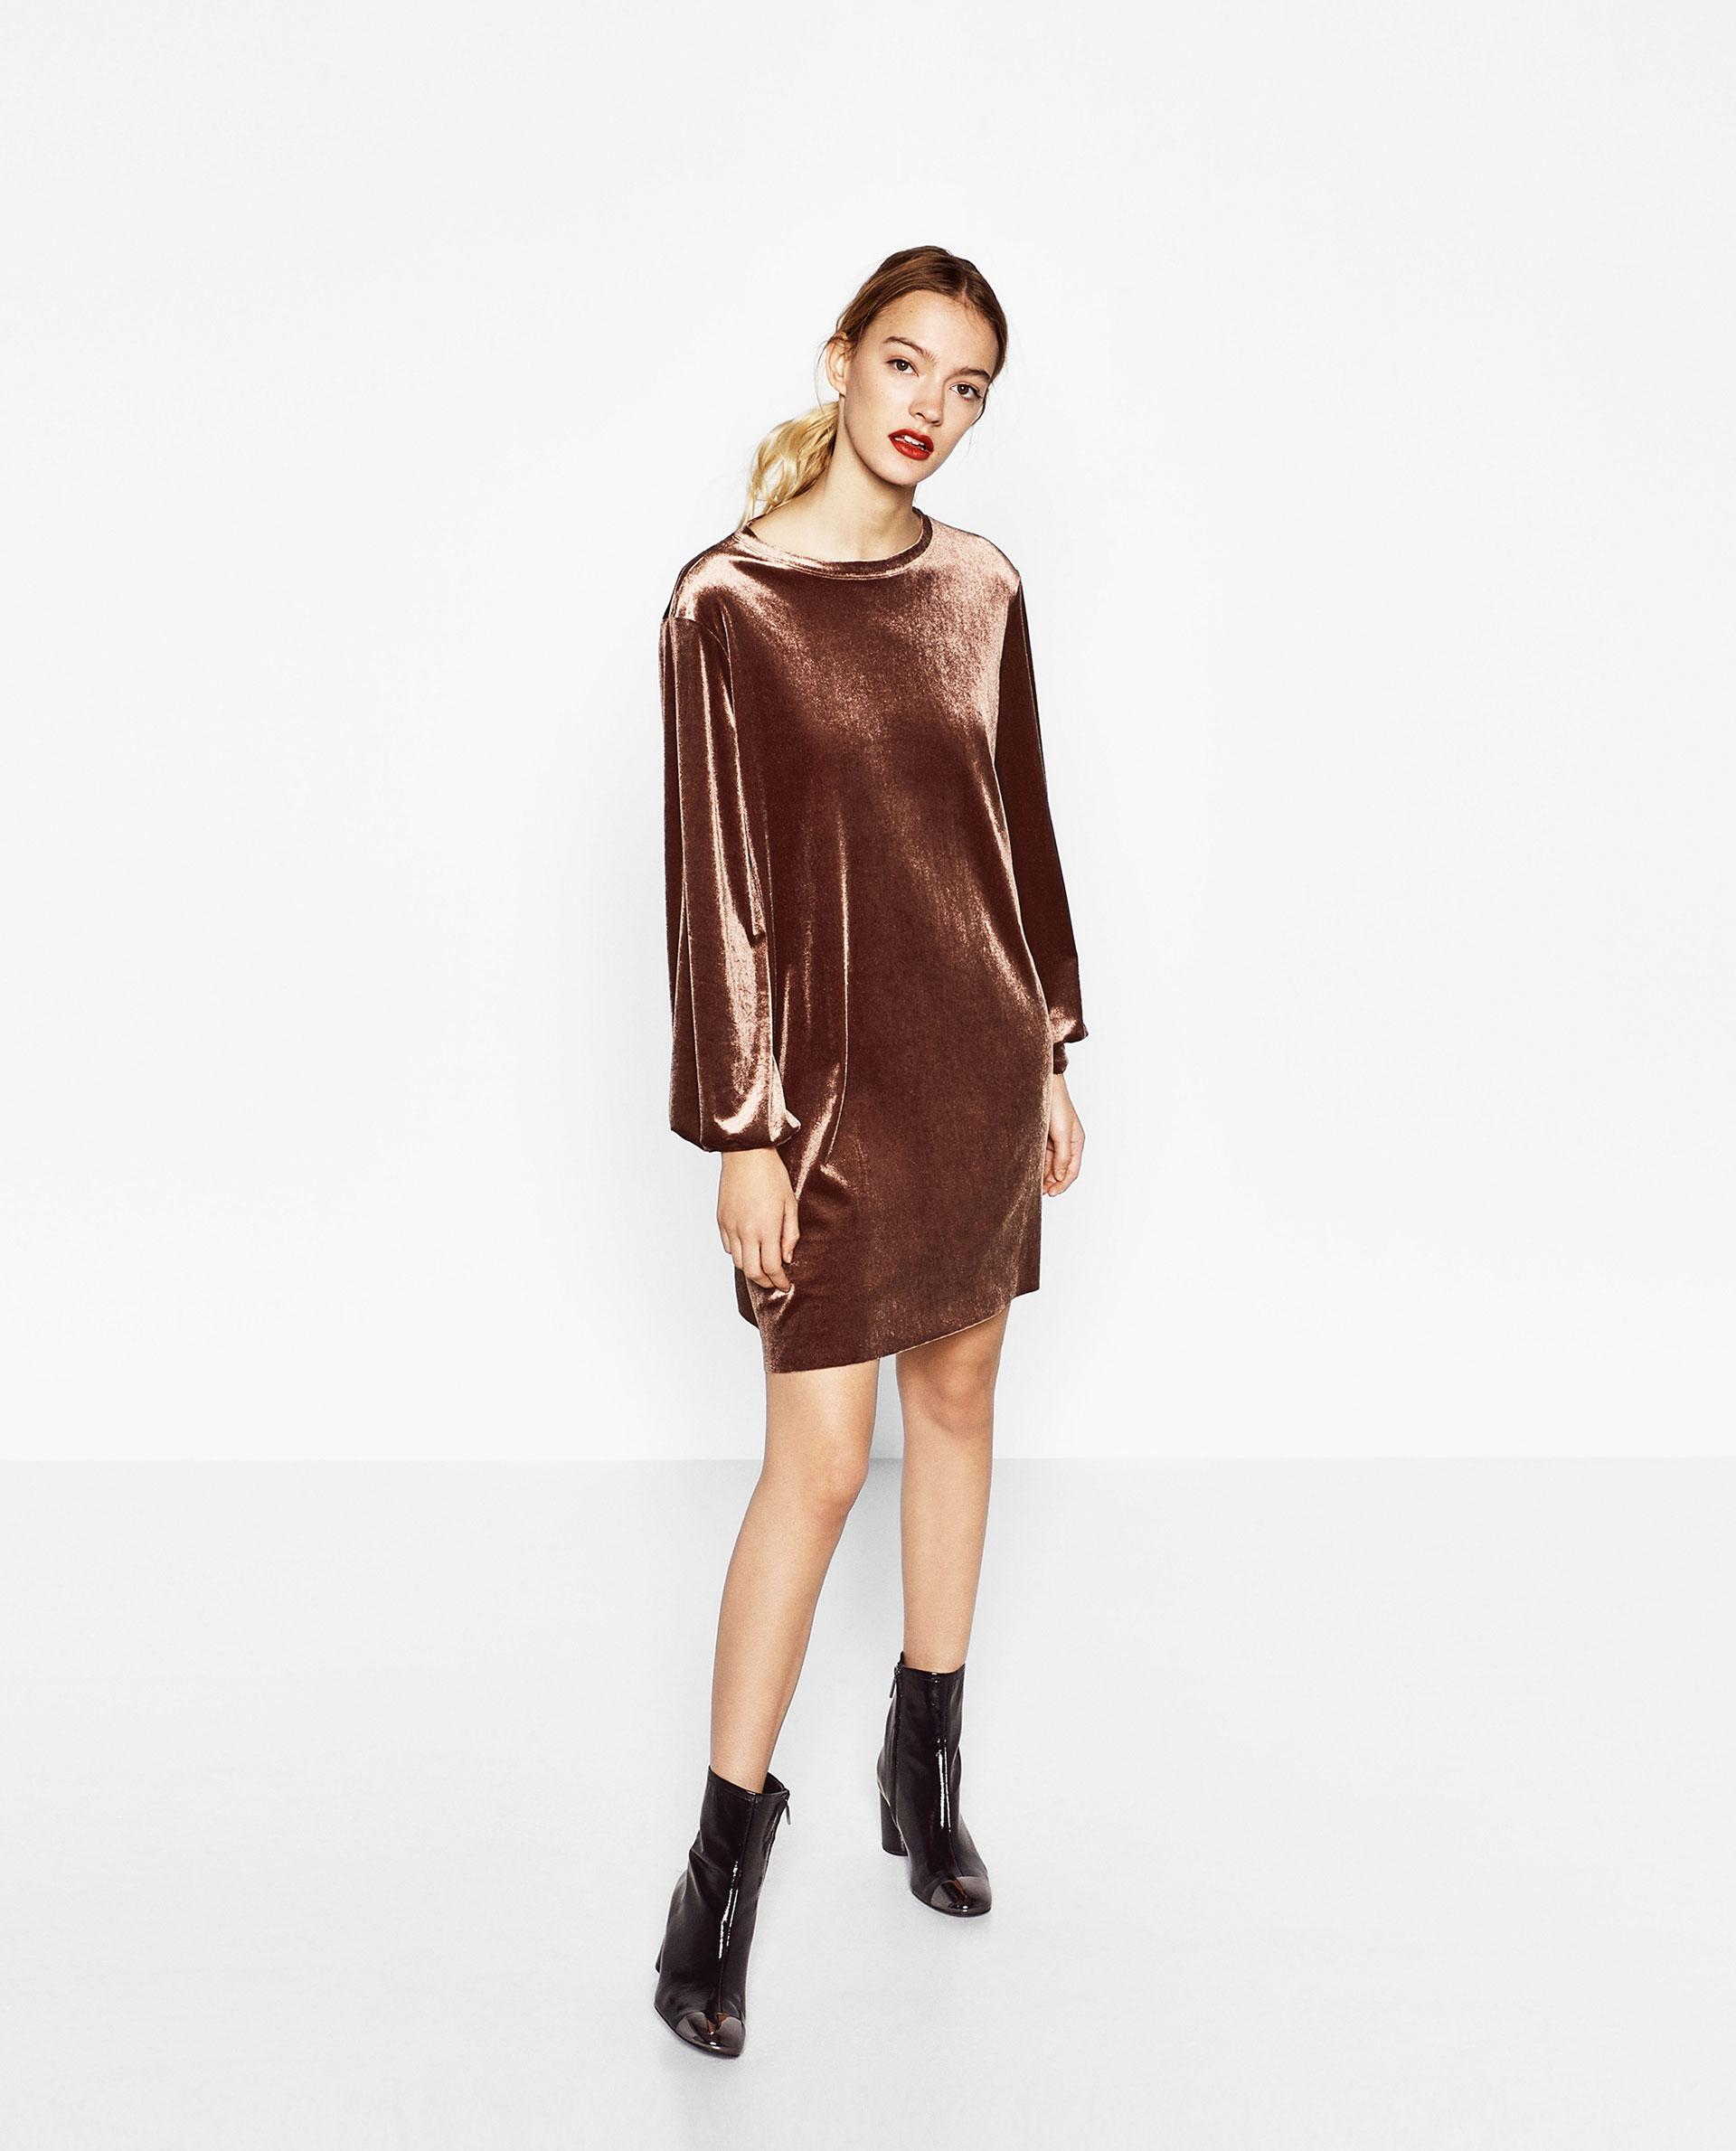 Vestidos Terciopelo 9 Estilos De Moda Moda Estilo Y